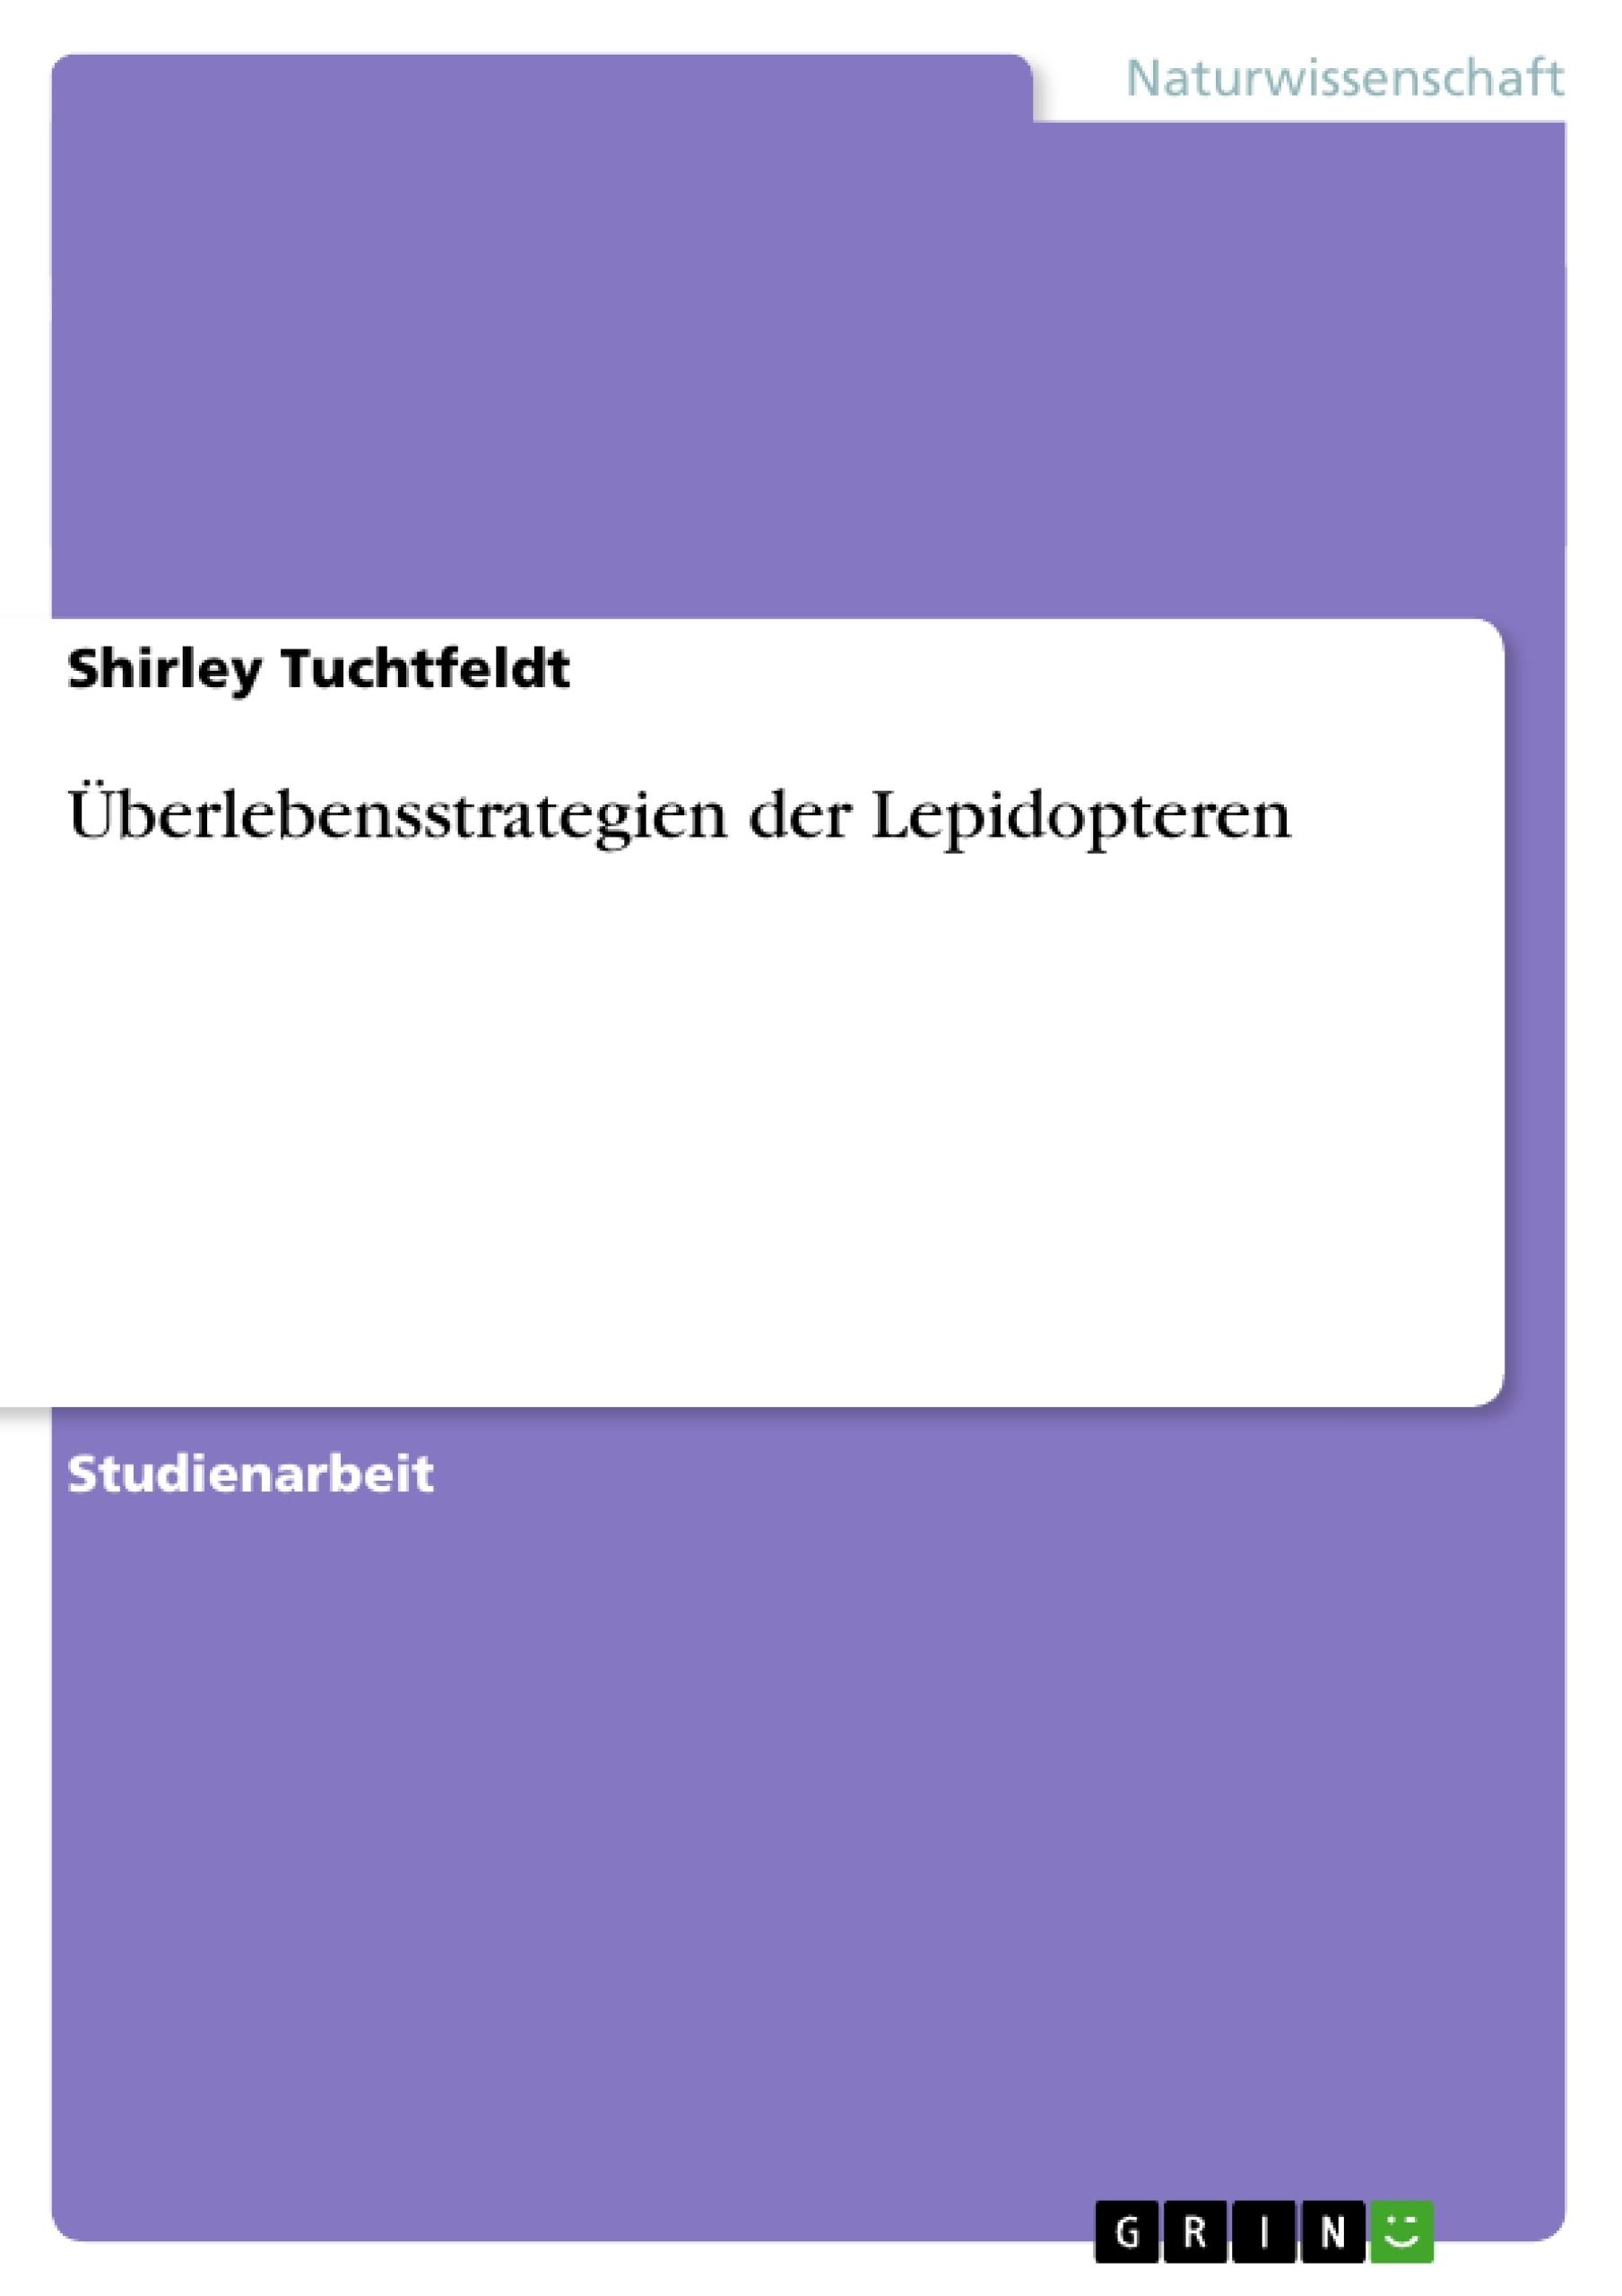 Titel: Überlebensstrategien der Lepidopteren